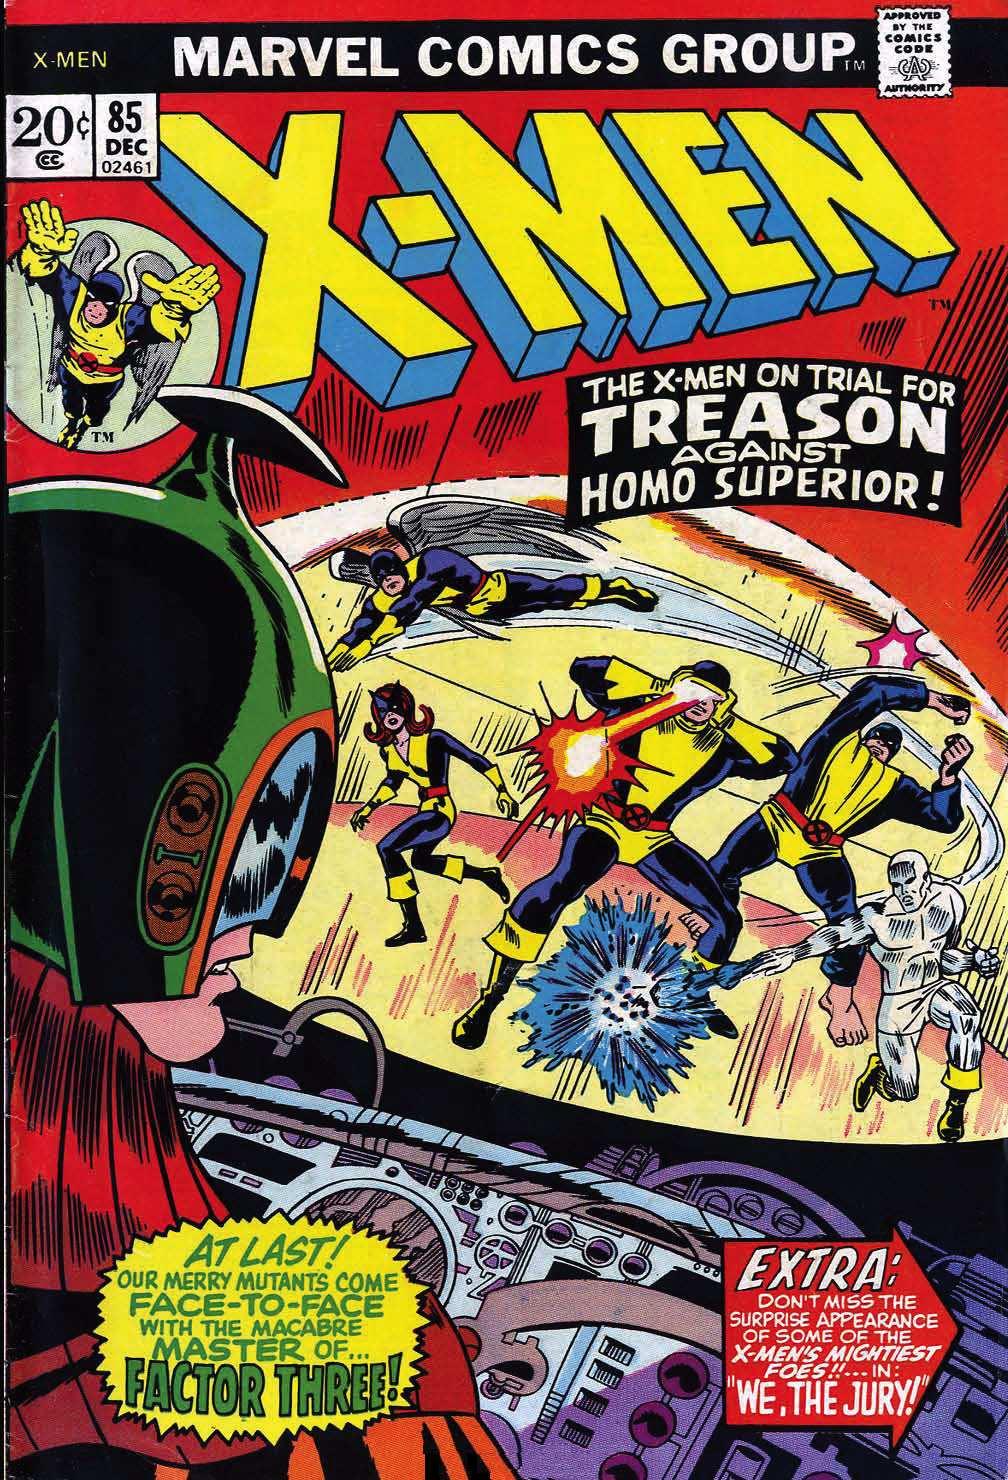 Read online Uncanny X-Men (1963) comic -  Issue #85 - 1